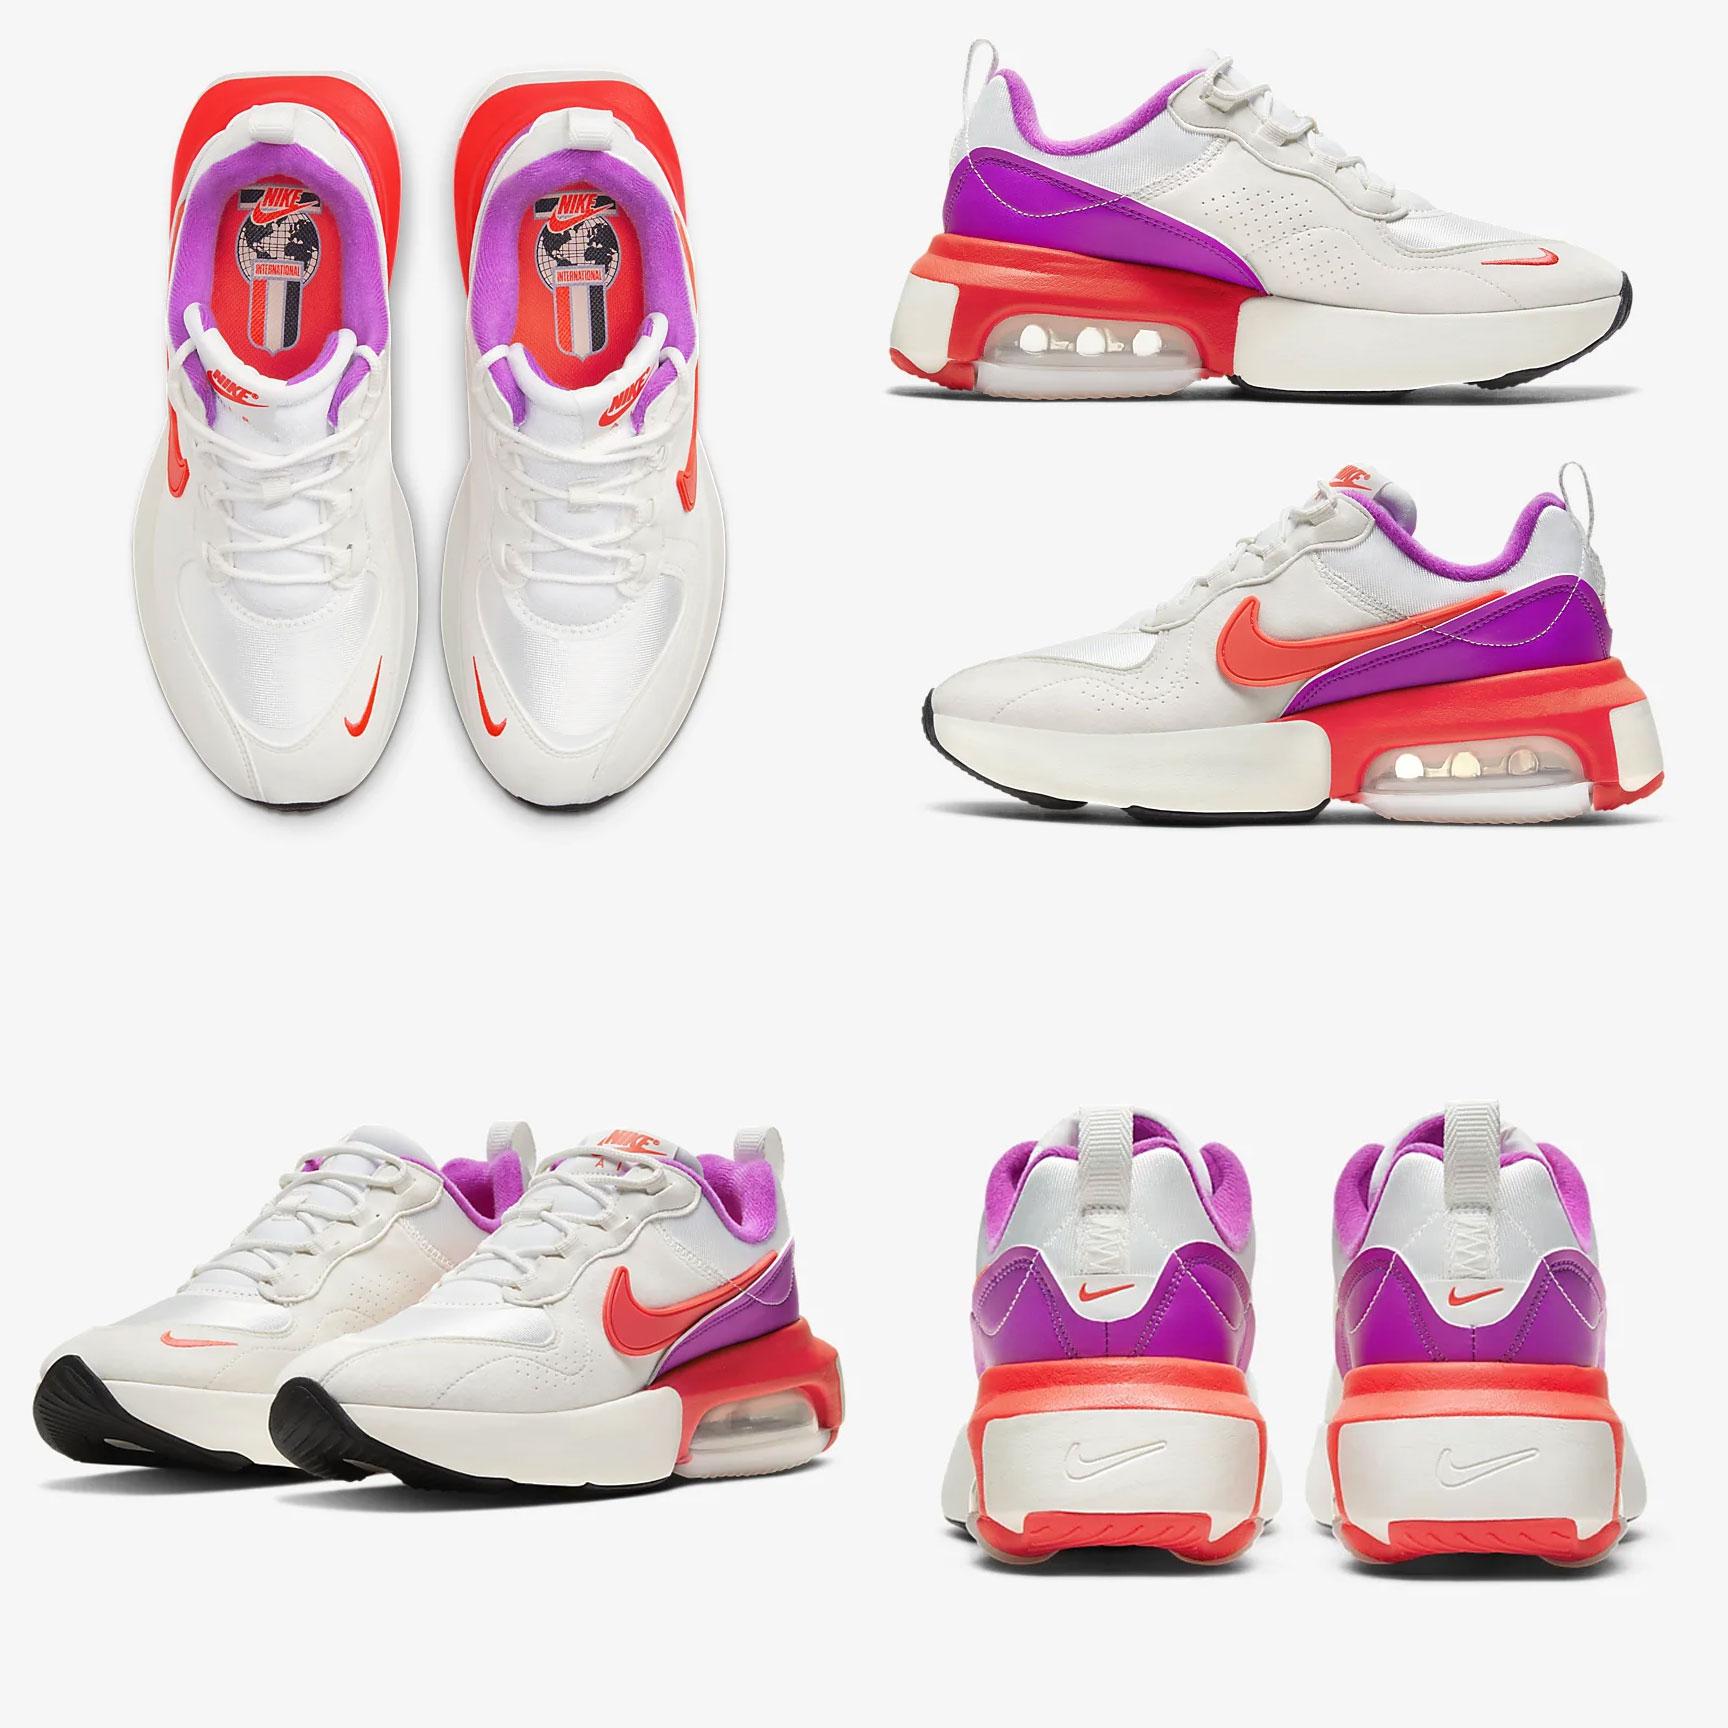 Nike Air Max Verona sneakers @ Nike